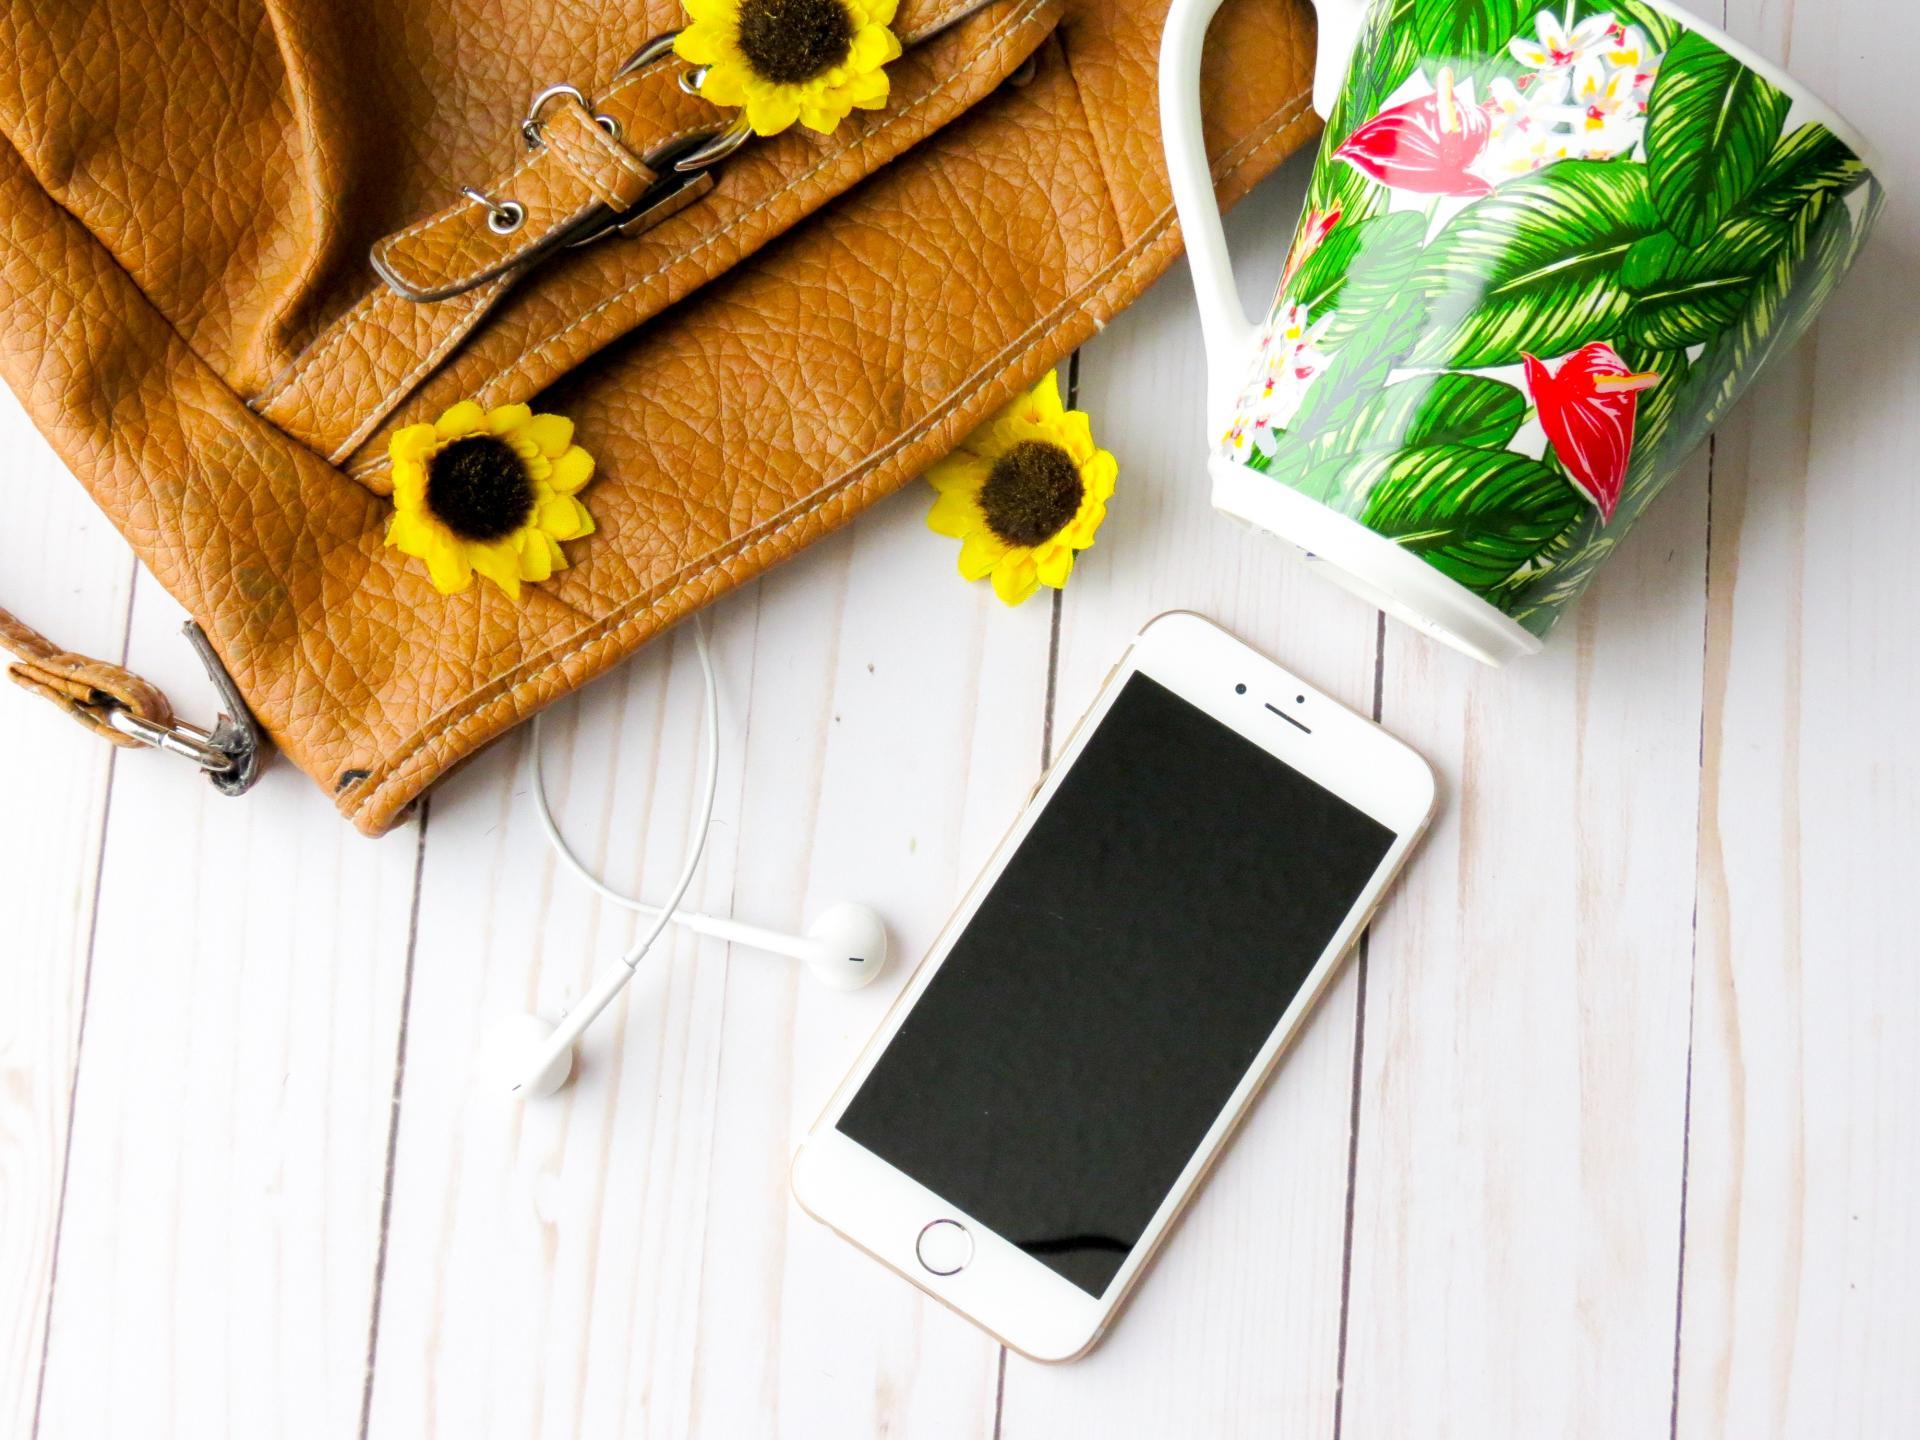 Проблемы созвуком наiPhone: причины, первые признаки неполадок испособ ихустранения